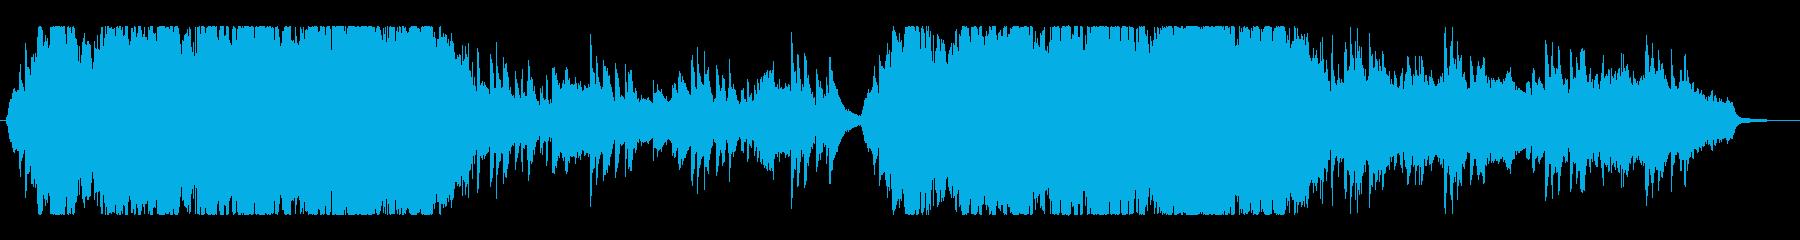 プロ制作による高級感のあるオーケストラ曲の再生済みの波形